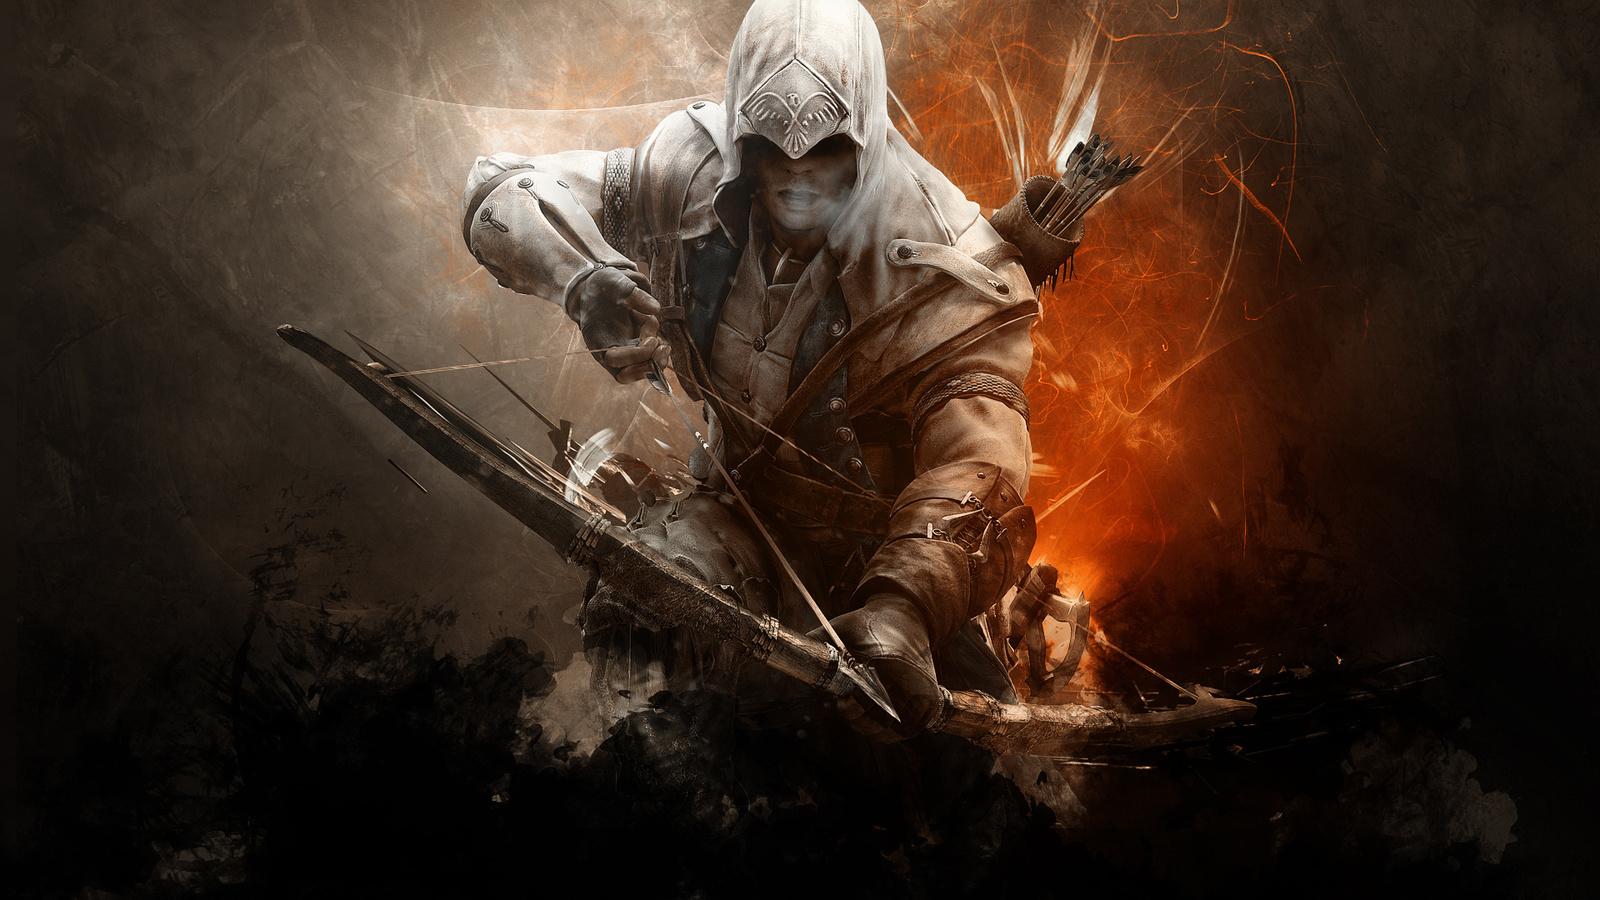 connor kanwey, Assassins creed 3, кредо убийц, коннор кенуэй, assassin, assasins creed